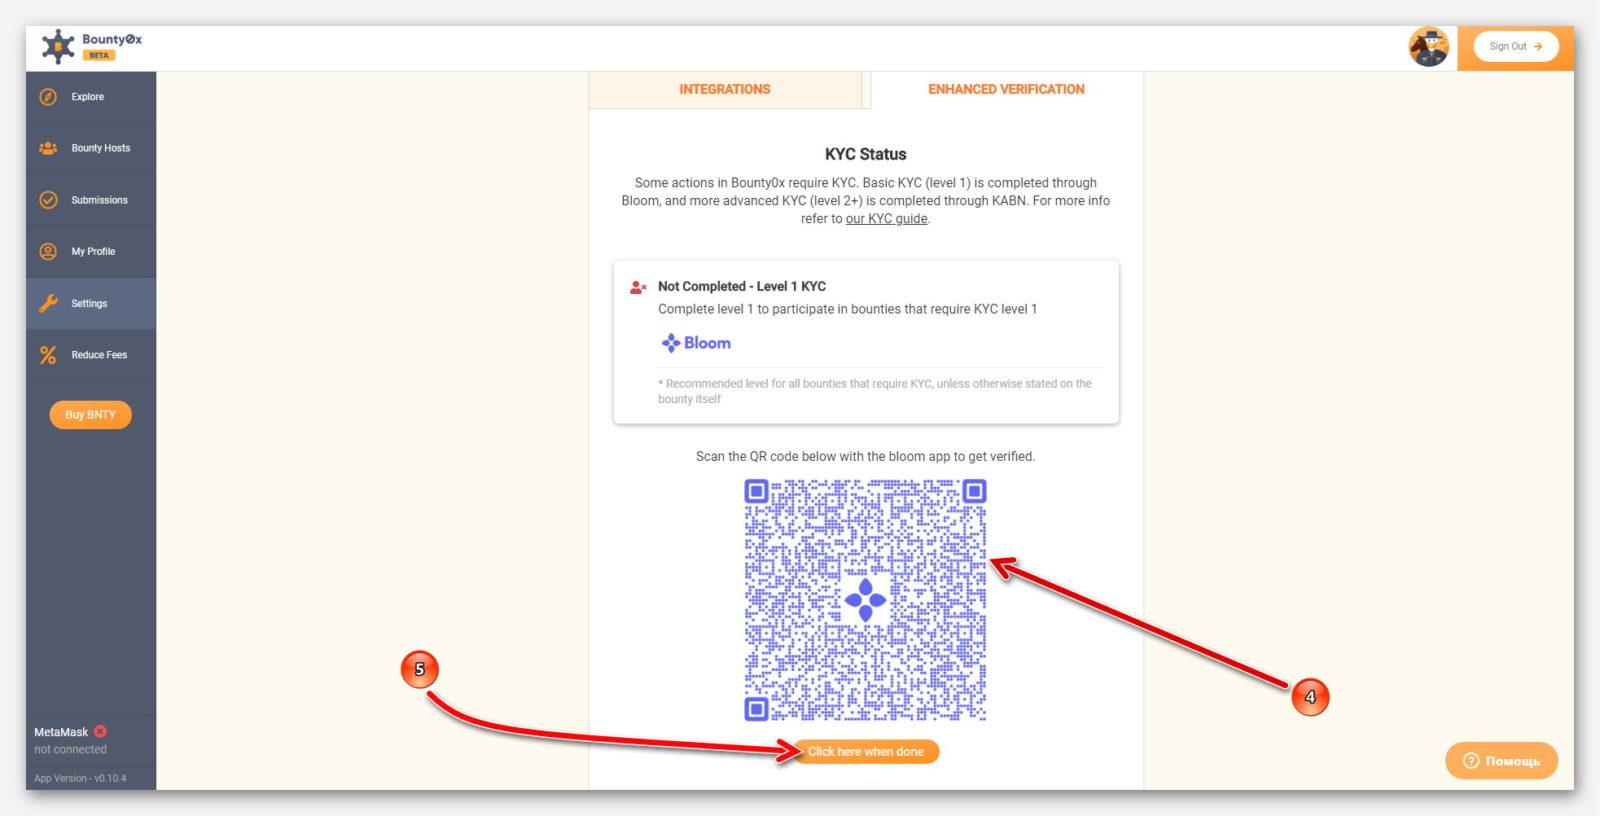 QR-код, для верификации 1 уровня, через Bloom, на платформе Bounty0x